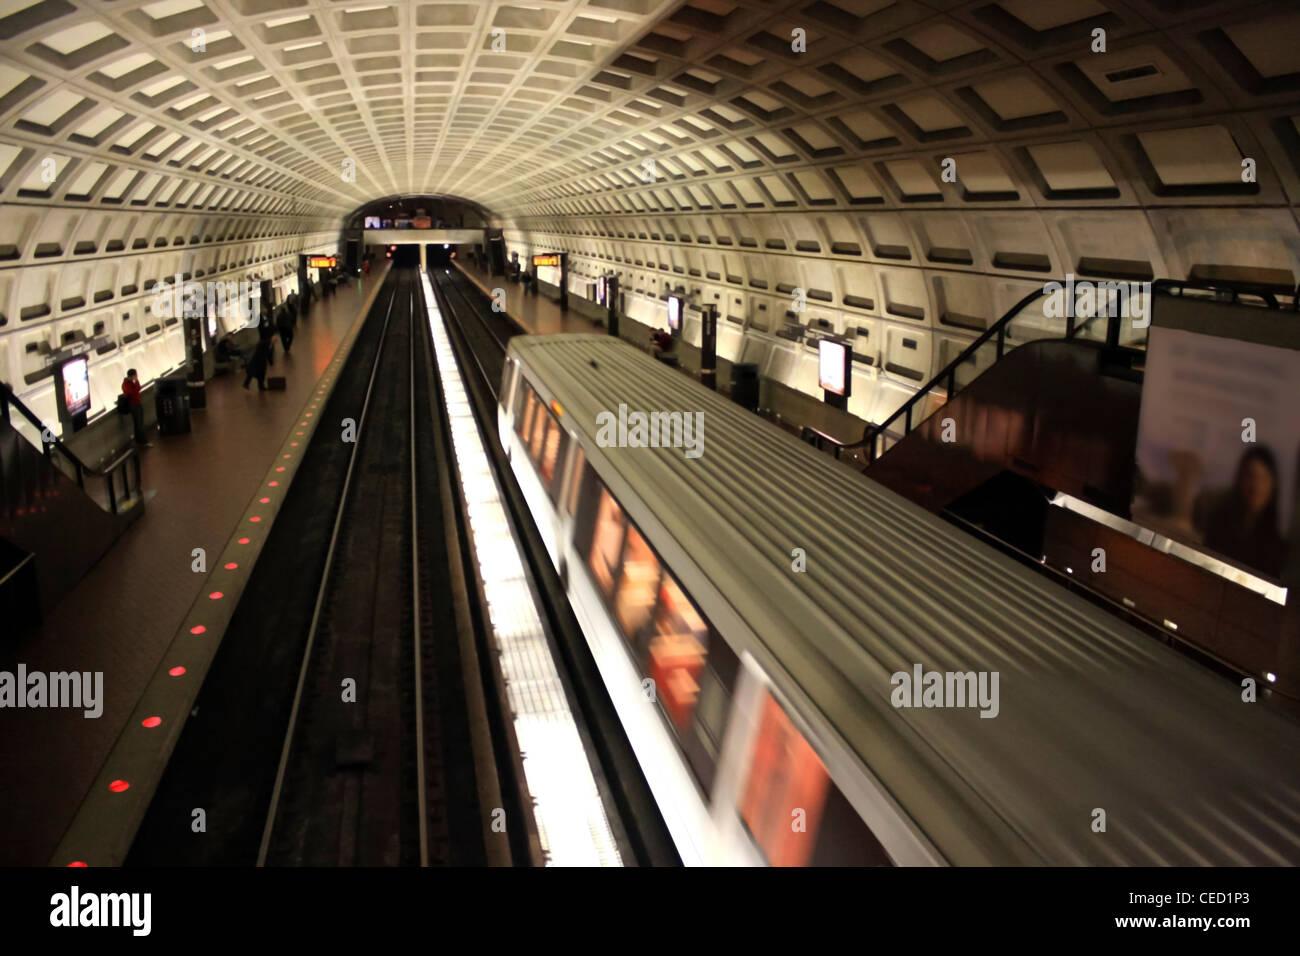 Immagine di un treno in arrivo in una stazione Immagini Stock